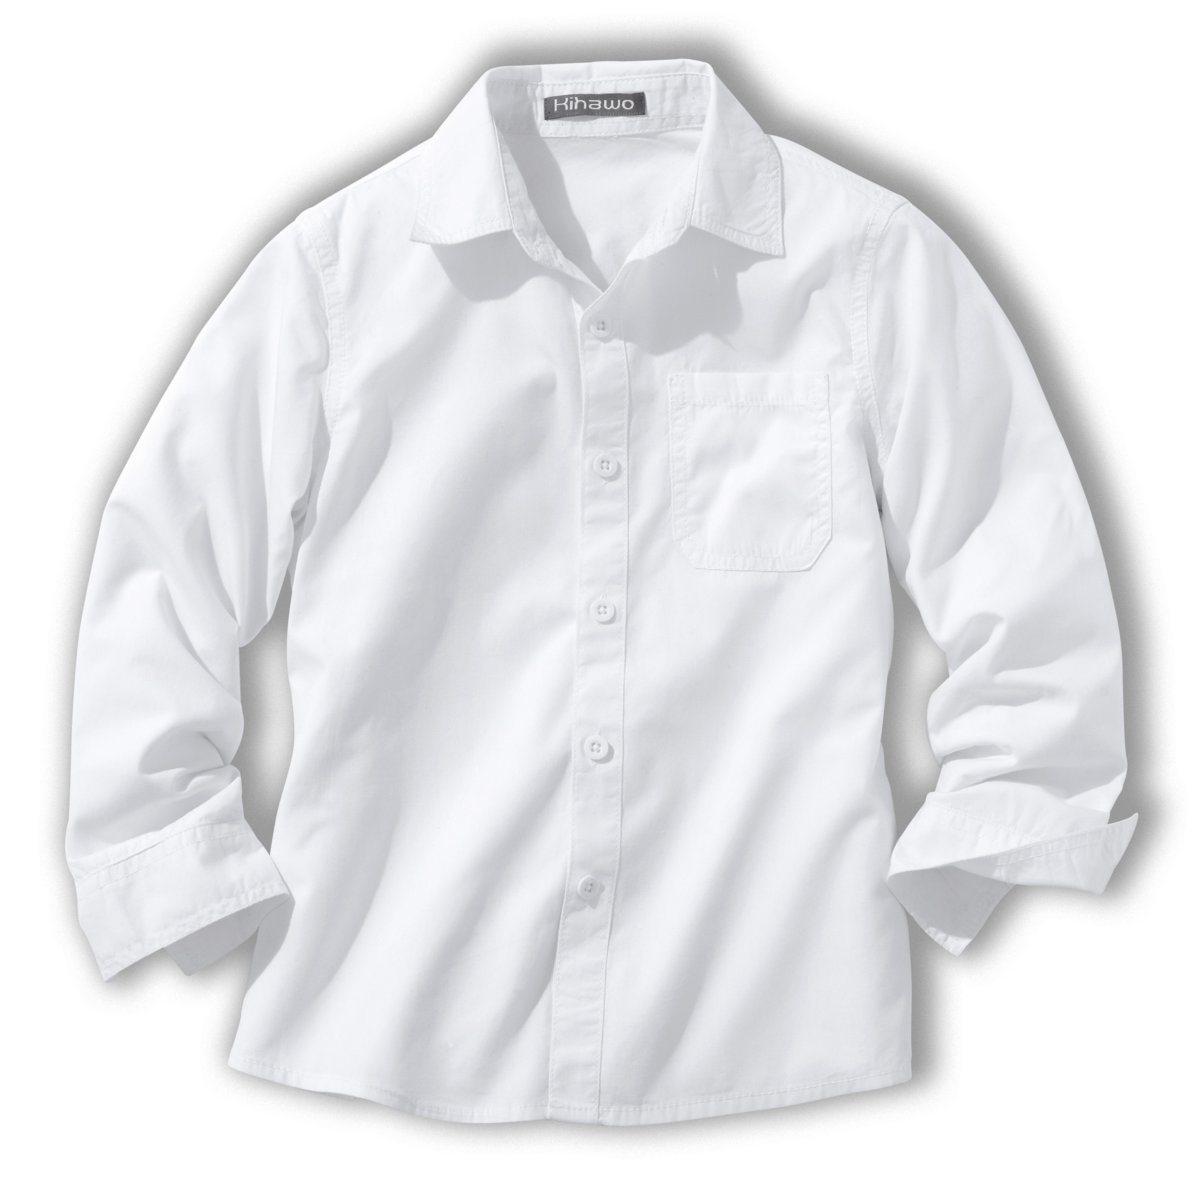 Рубашка, 3-12 летОписание:Детали •  Длинные рукава •  Прямой покрой •  Воротник-поло, рубашечныйСостав и уход •  100% хлопок •  Температура стирки 40°   •  Сухая чистка и отбеливание запрещены •  Барабанная сушка на деликатном режиме • Средняя температура глажки.<br><br>Цвет: белый<br>Размер: 4 года - 102 см.5 лет - 108 см.8 лет - 126 см.10 лет - 138 см.12 лет -150 см.3 года - 94 см